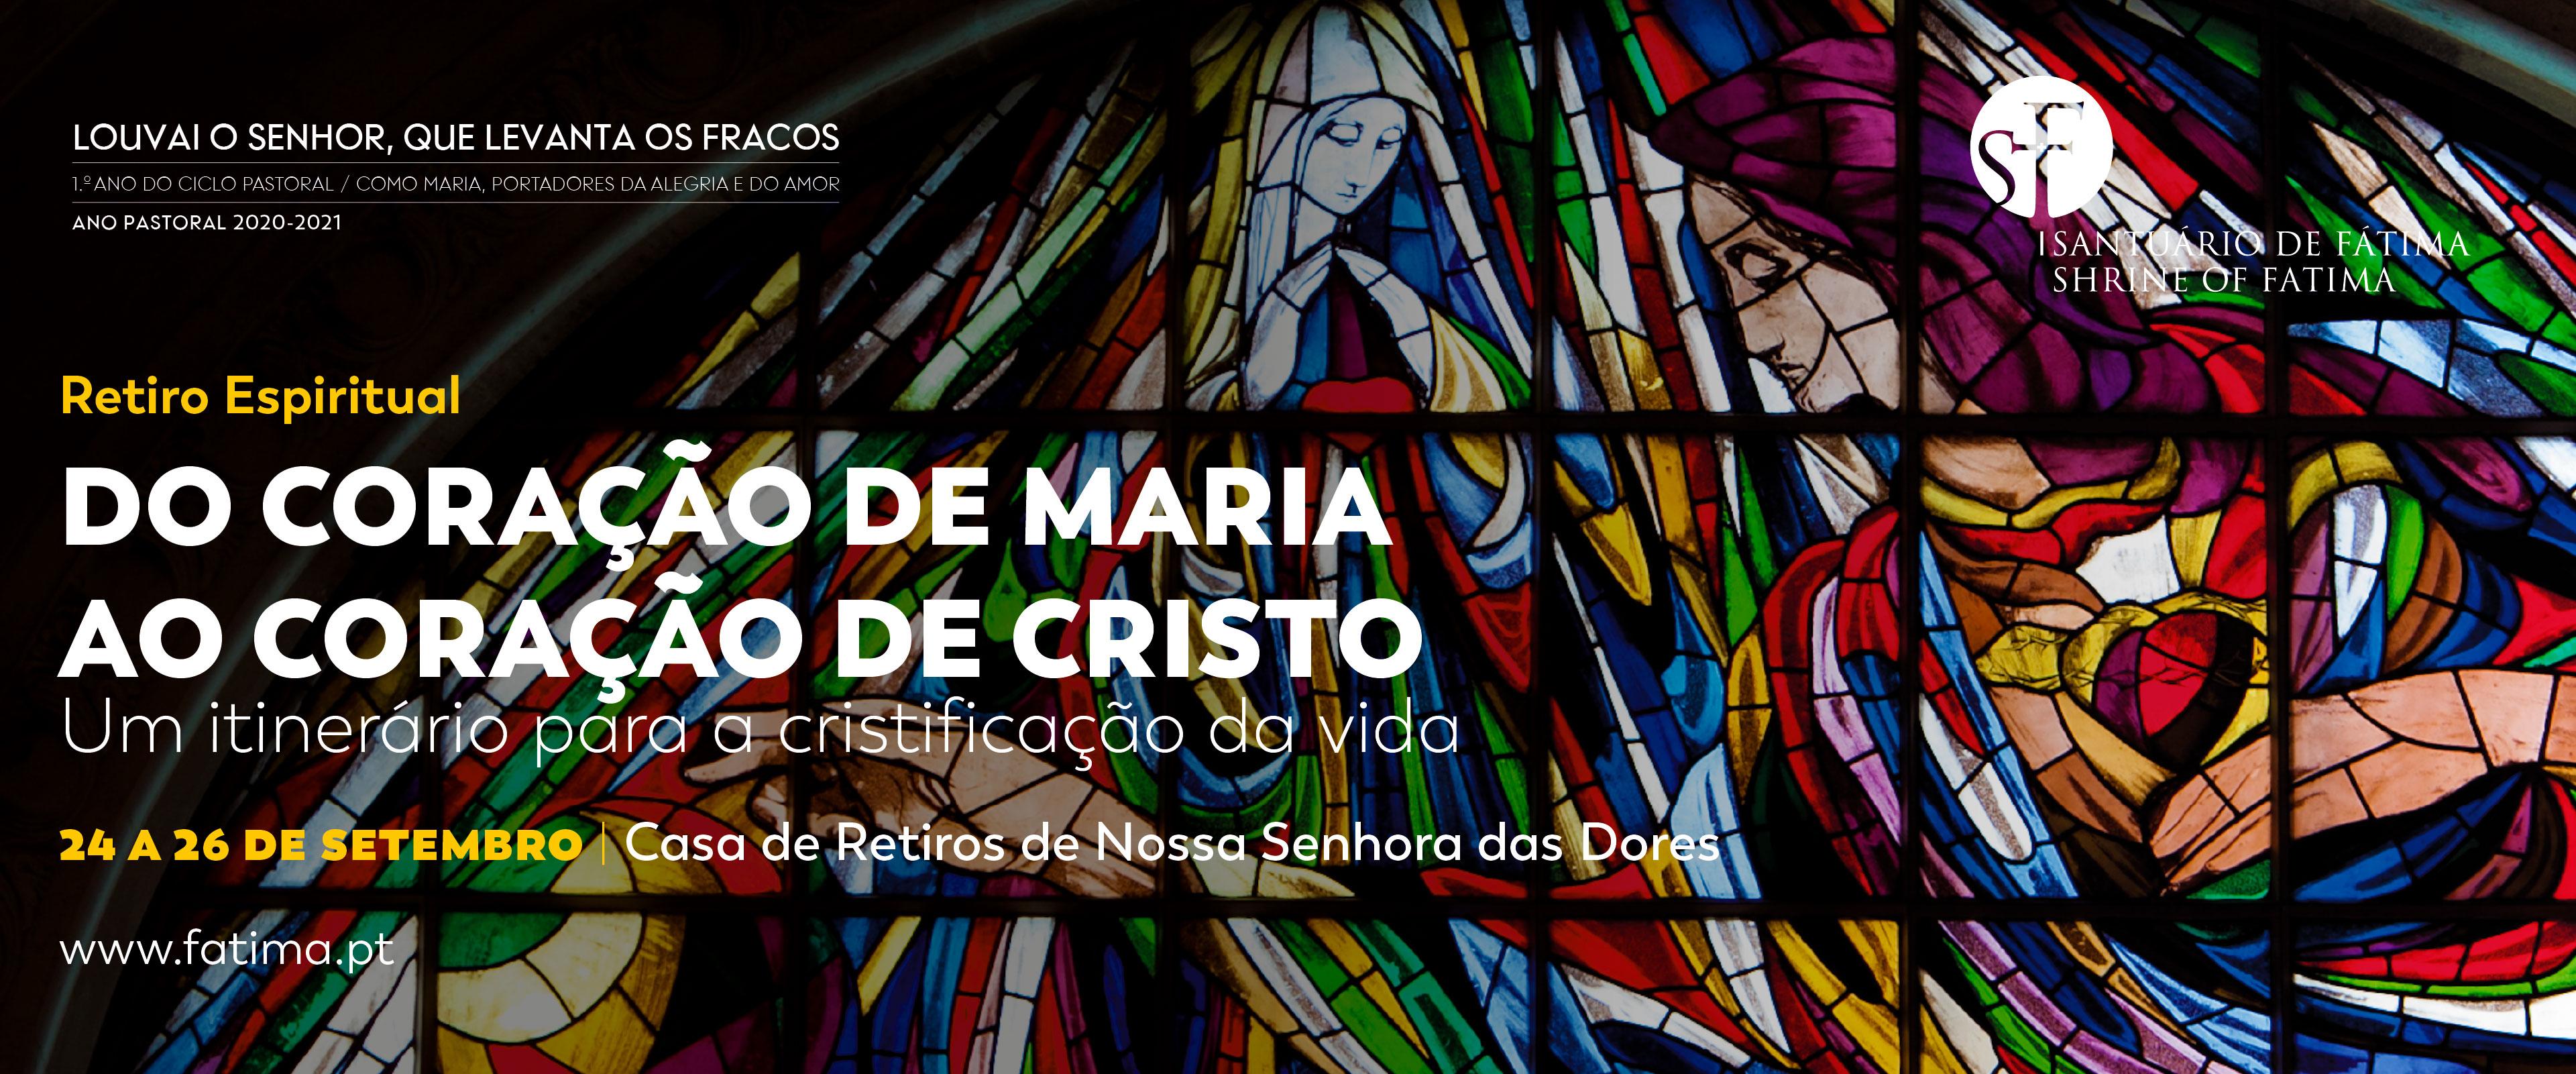 BANNER_RETIRO-DO-CORACAO-DE-MARIA-AO-CORACAO-DE-CRISTO-V02.jpg